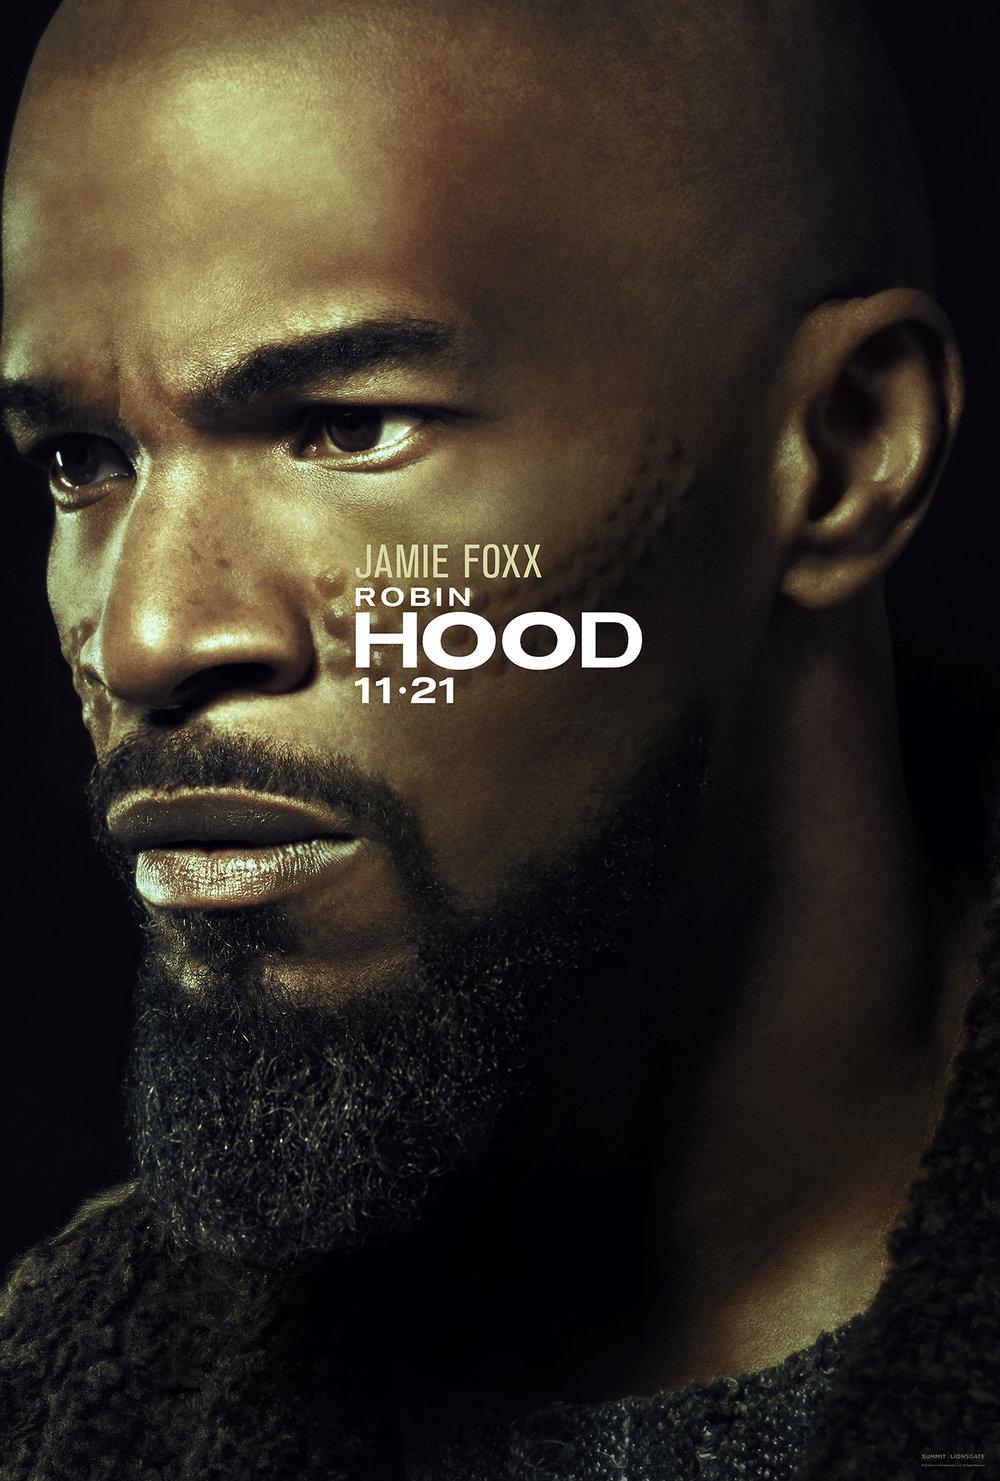 Hood_1Sht_Teaser_Online_Jamie_100dpi.jpg